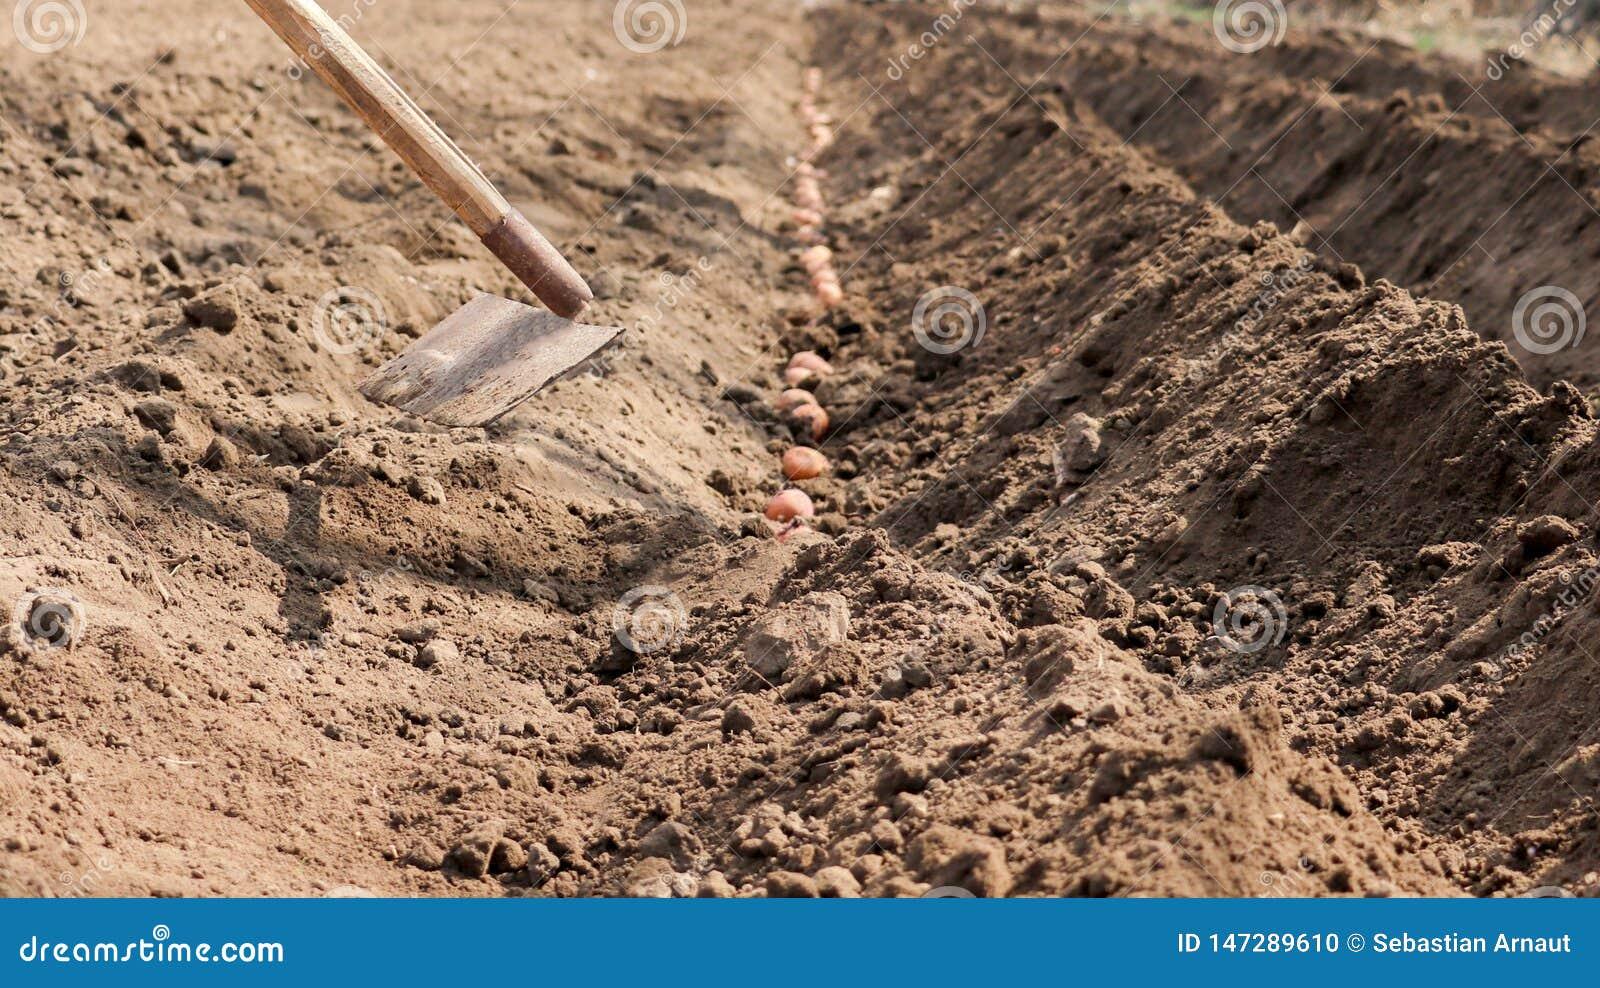 Kartoffeln, die gekeimt werden, werden im Boden gesät